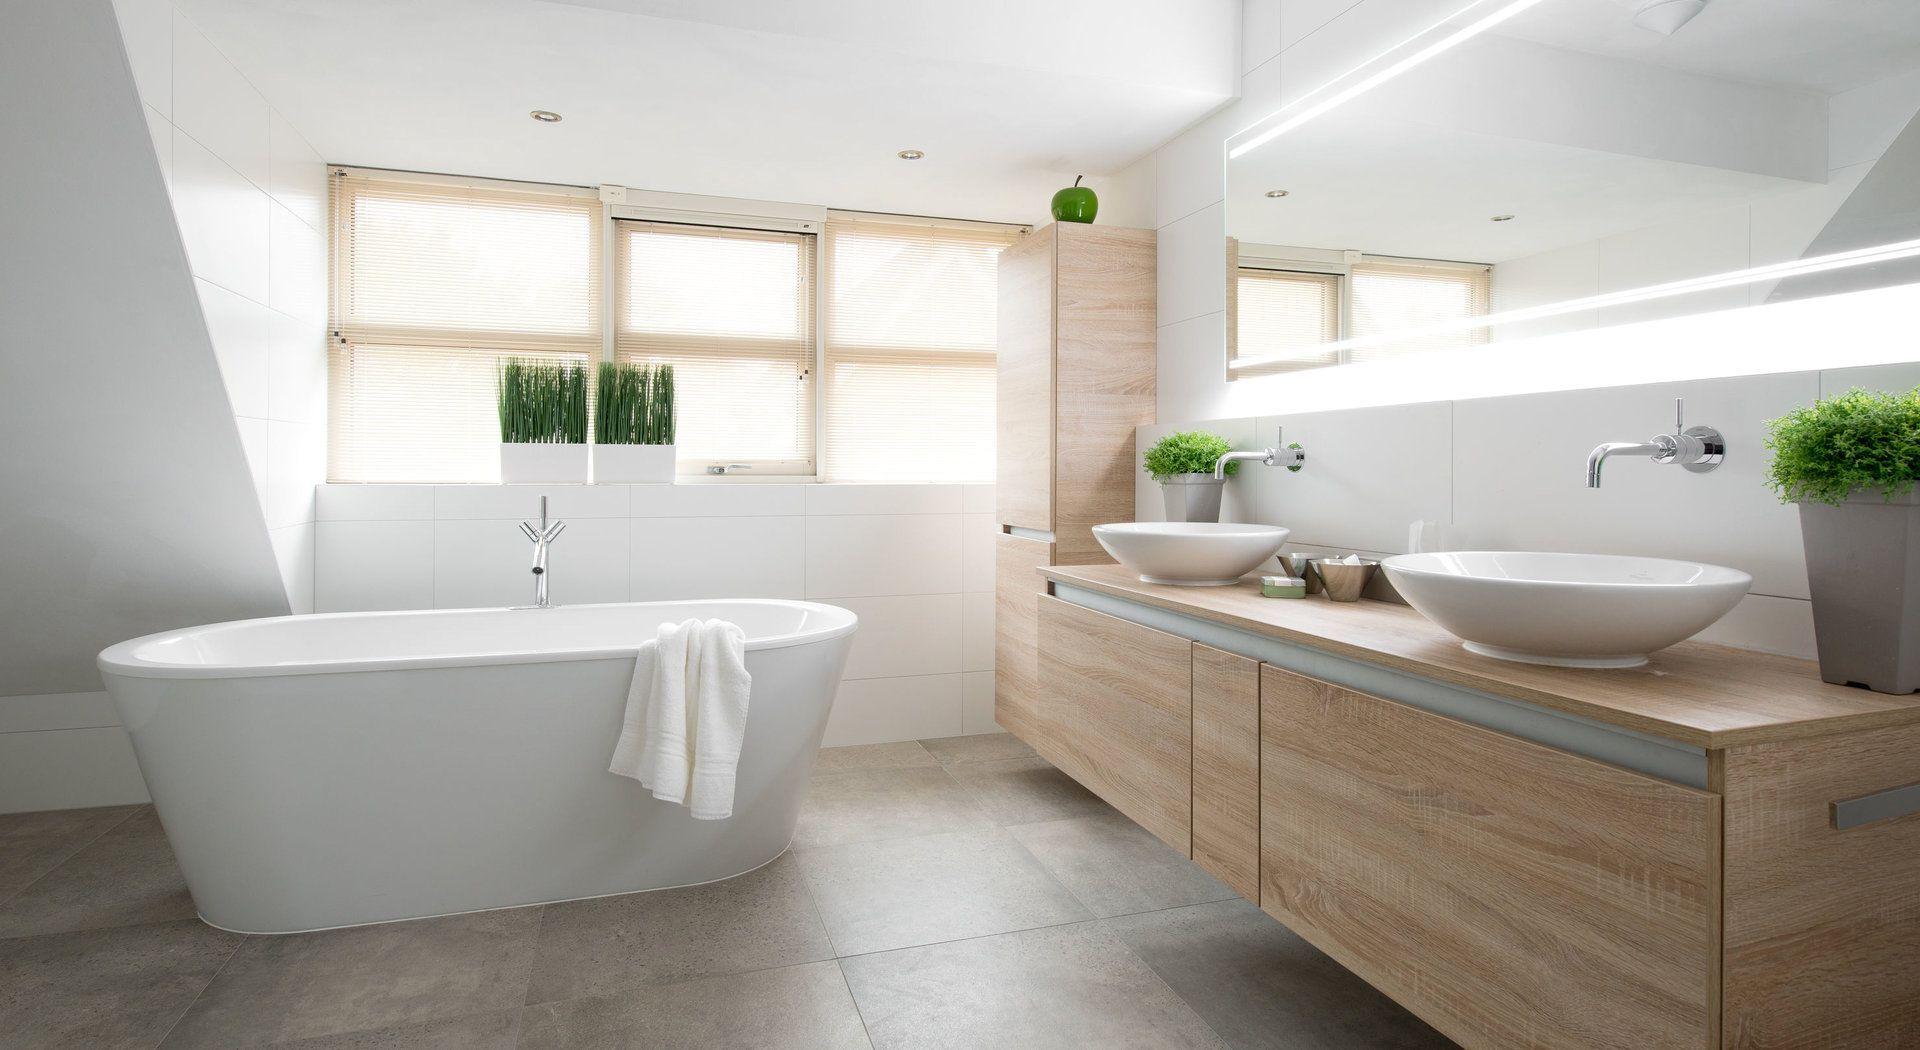 Luxe Middelkoop Culemborg badkamer. Vrijstaand bad met Axor i.c.m. ...